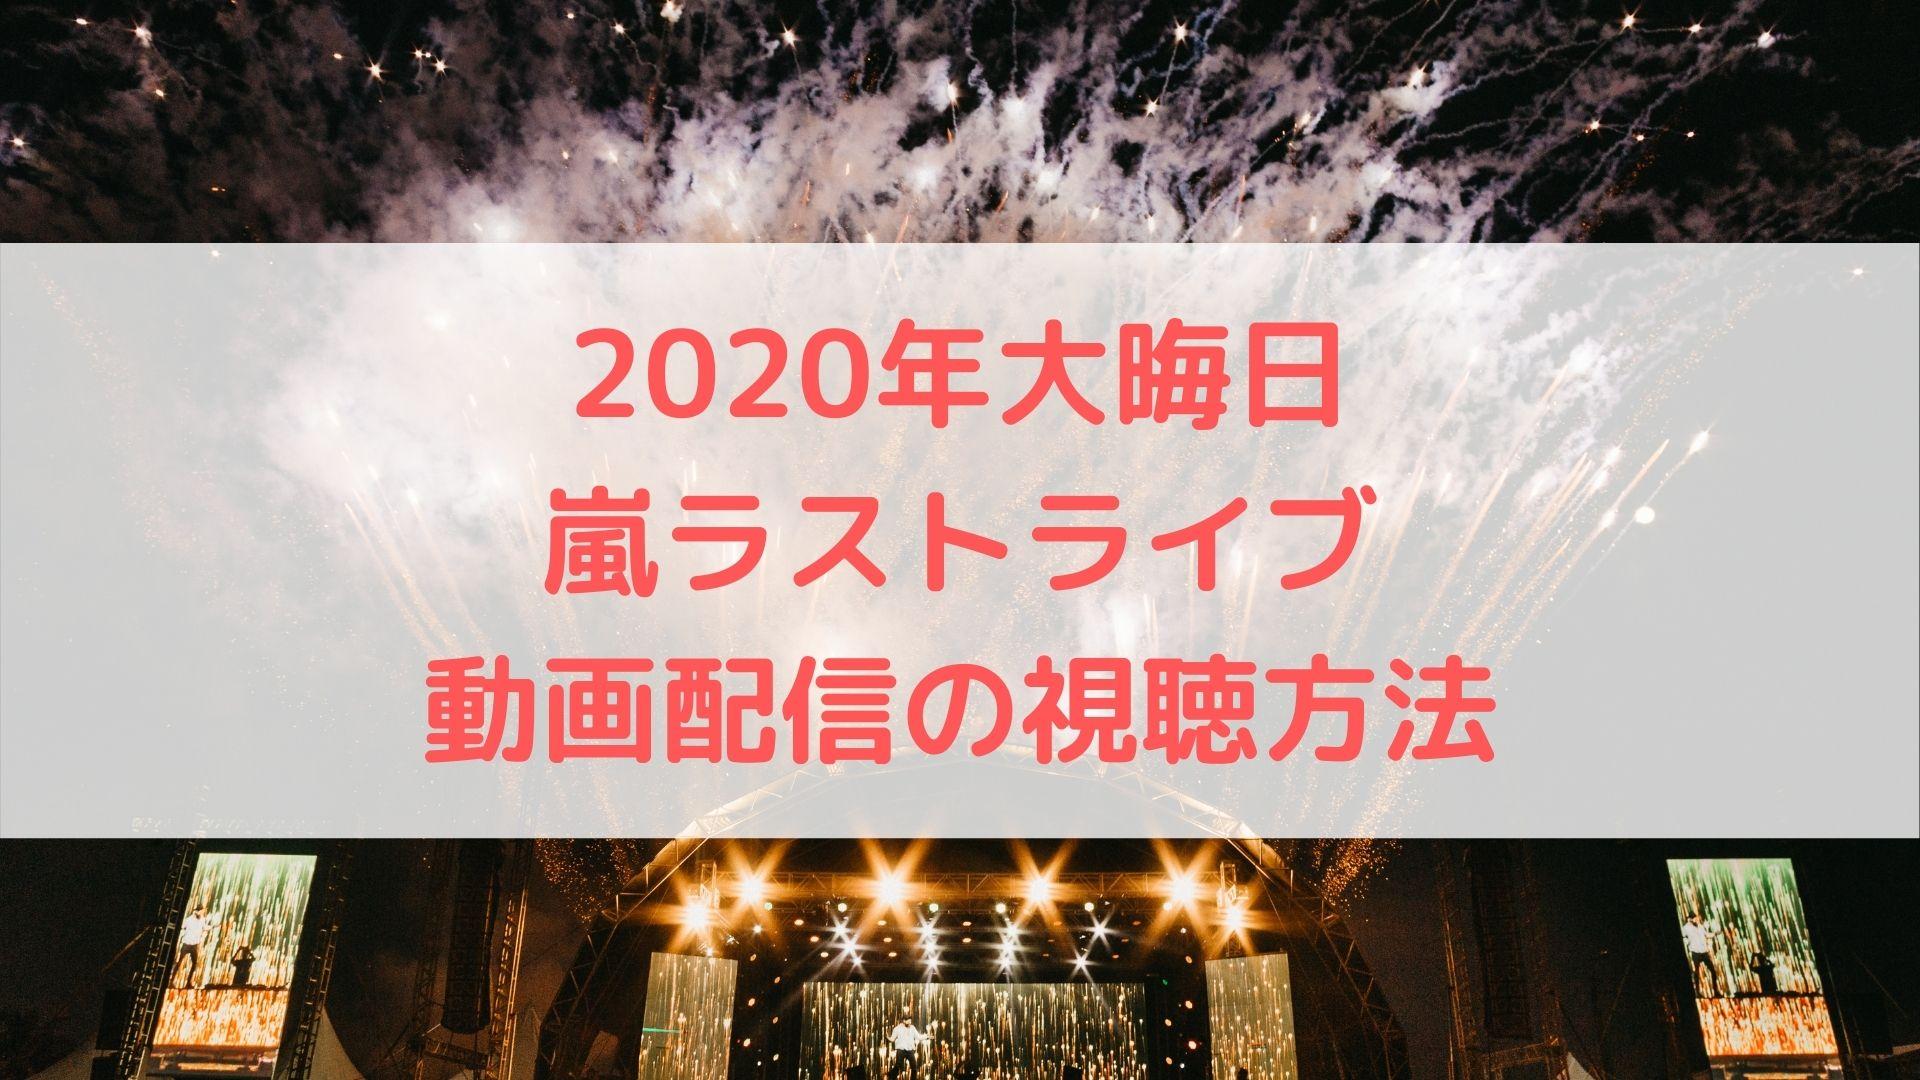 嵐 無 観客 ライブ チケット